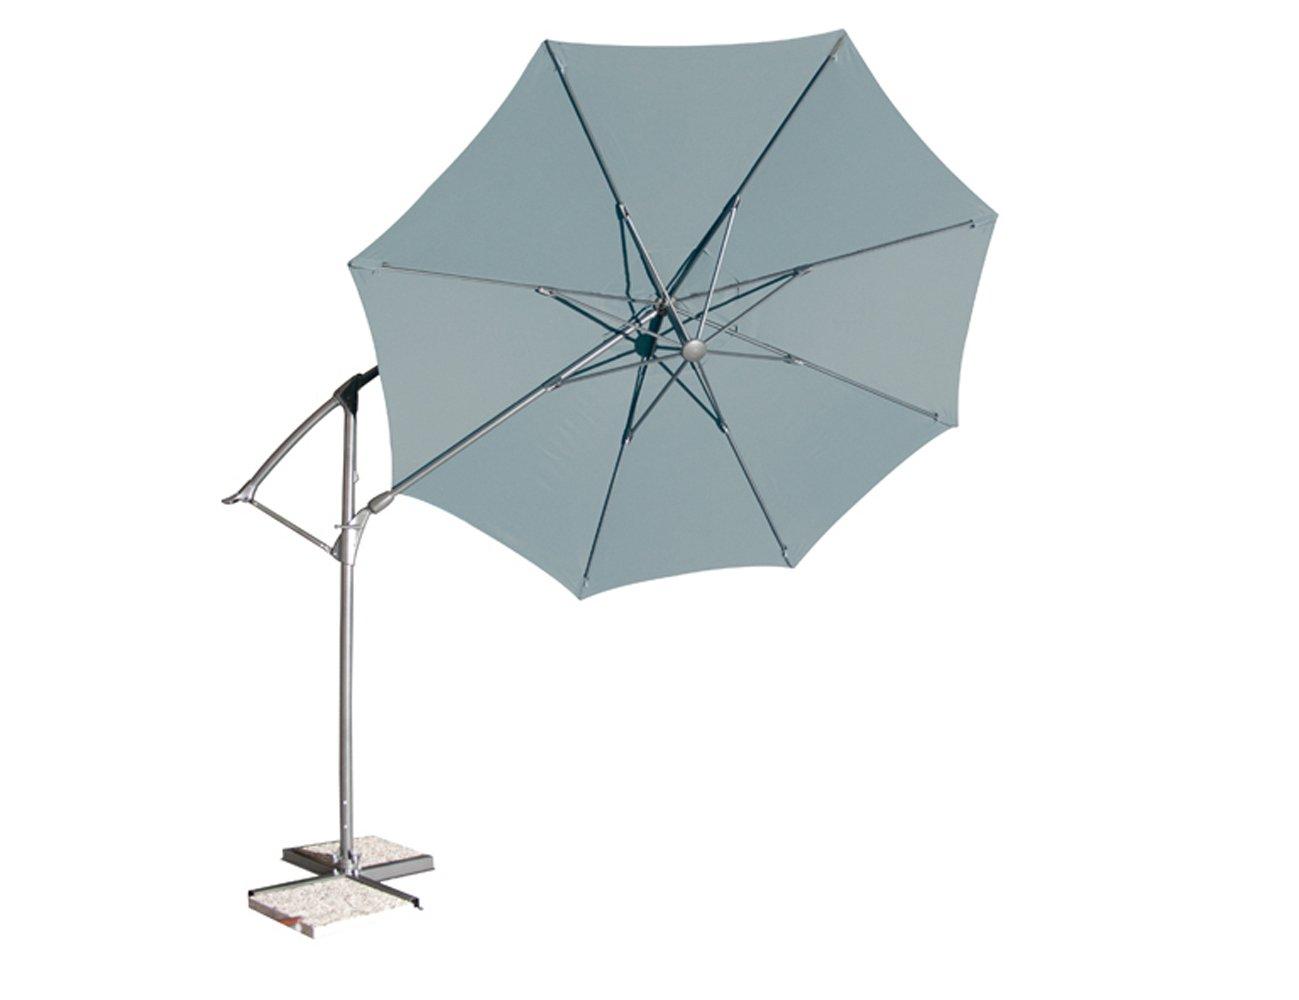 Siena Garden 673238 Catania Ampelschirm Bezug grau Gestell anthrazit Ø 330 cm günstig